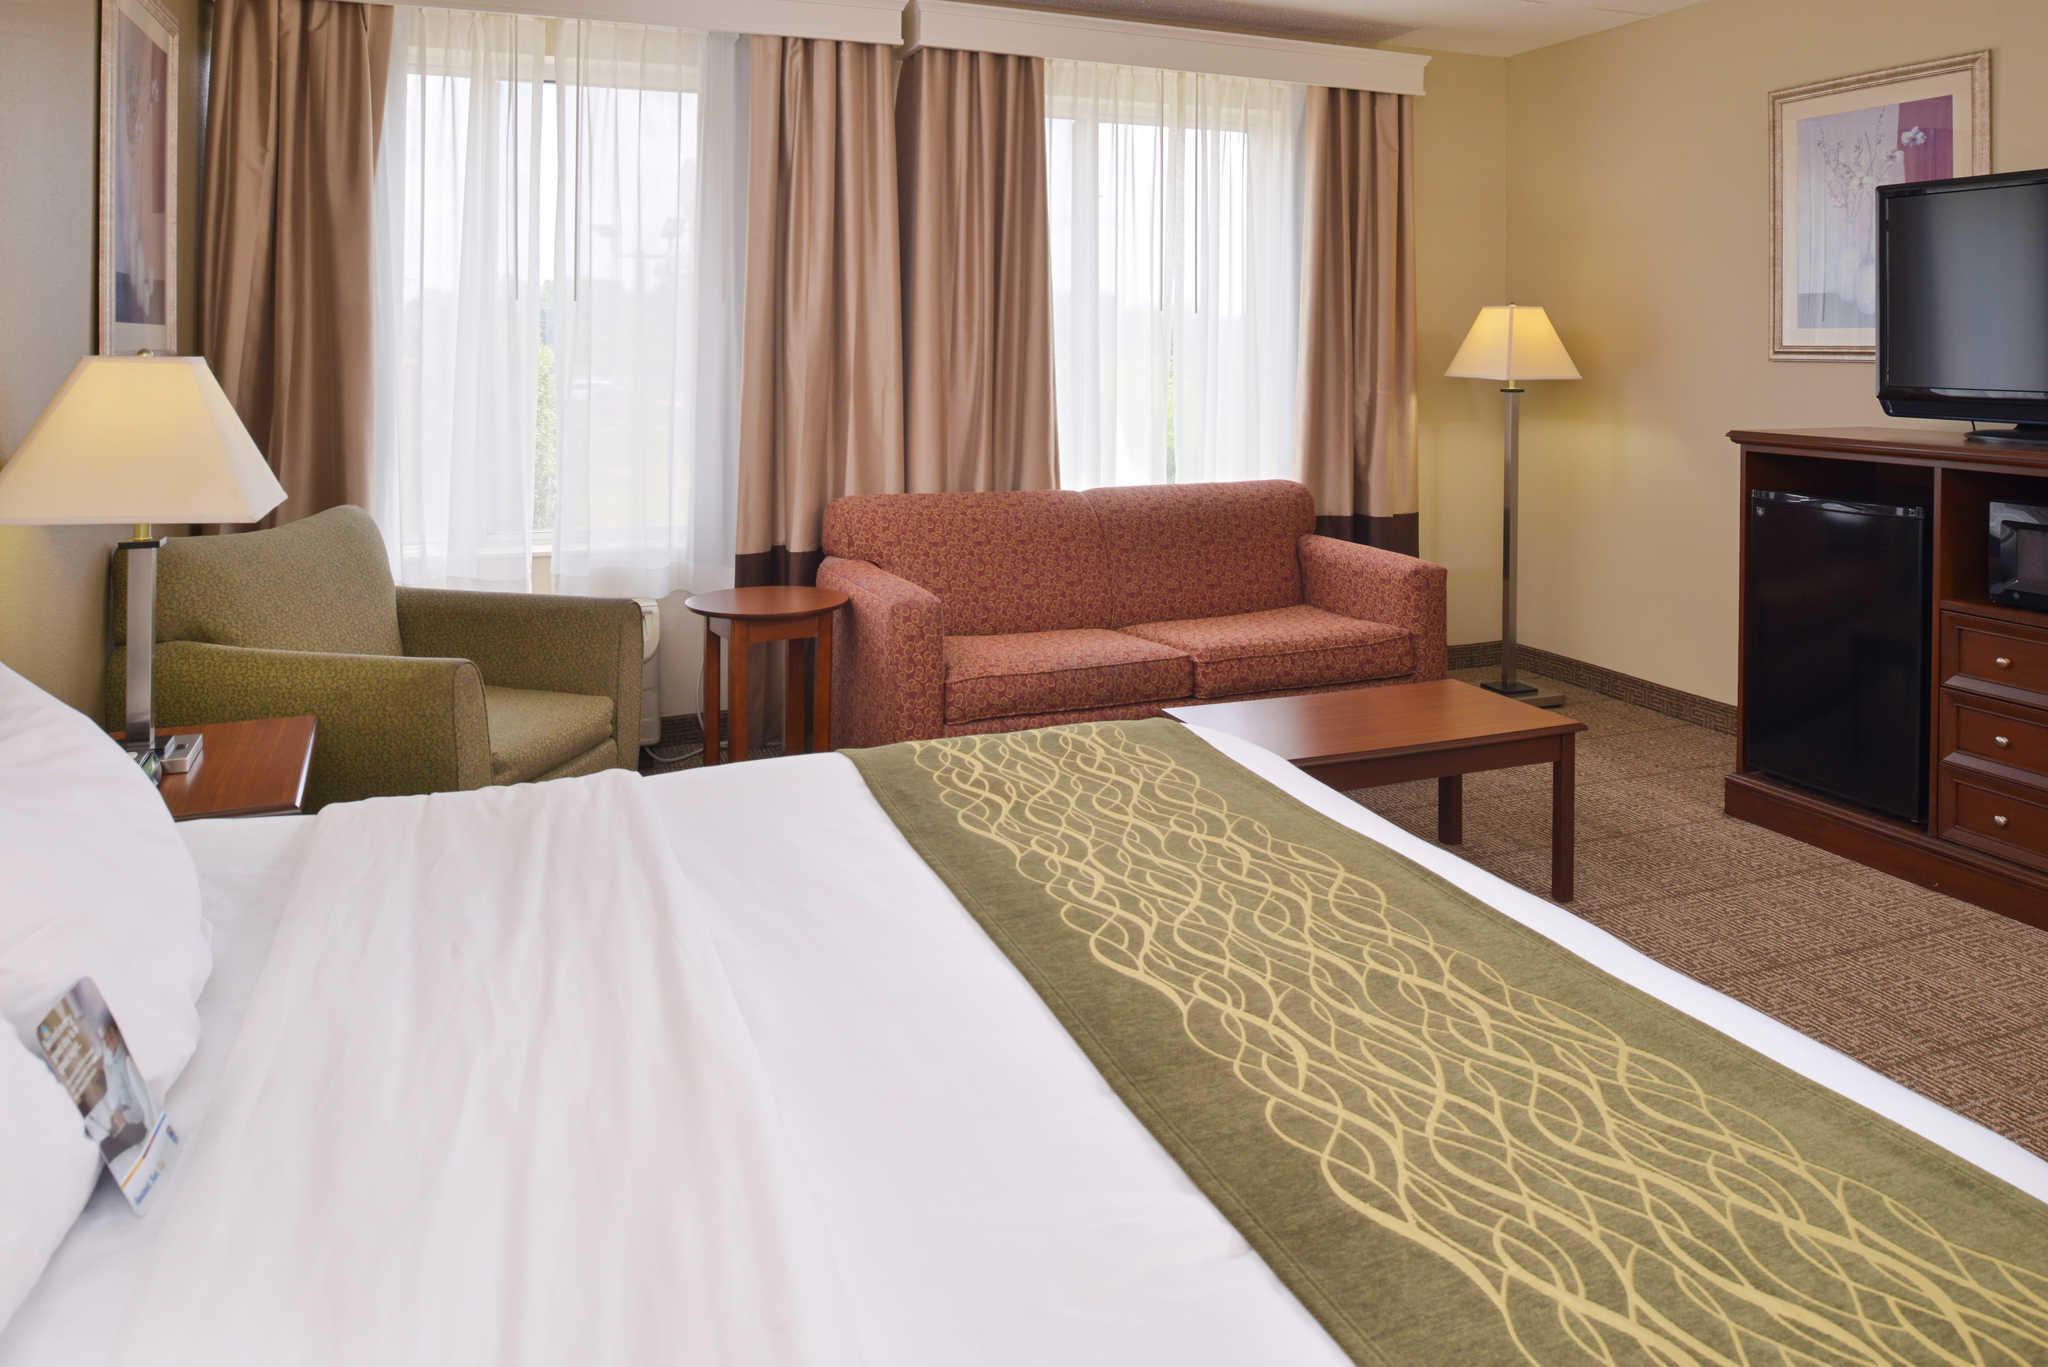 Comfort Inn image 11